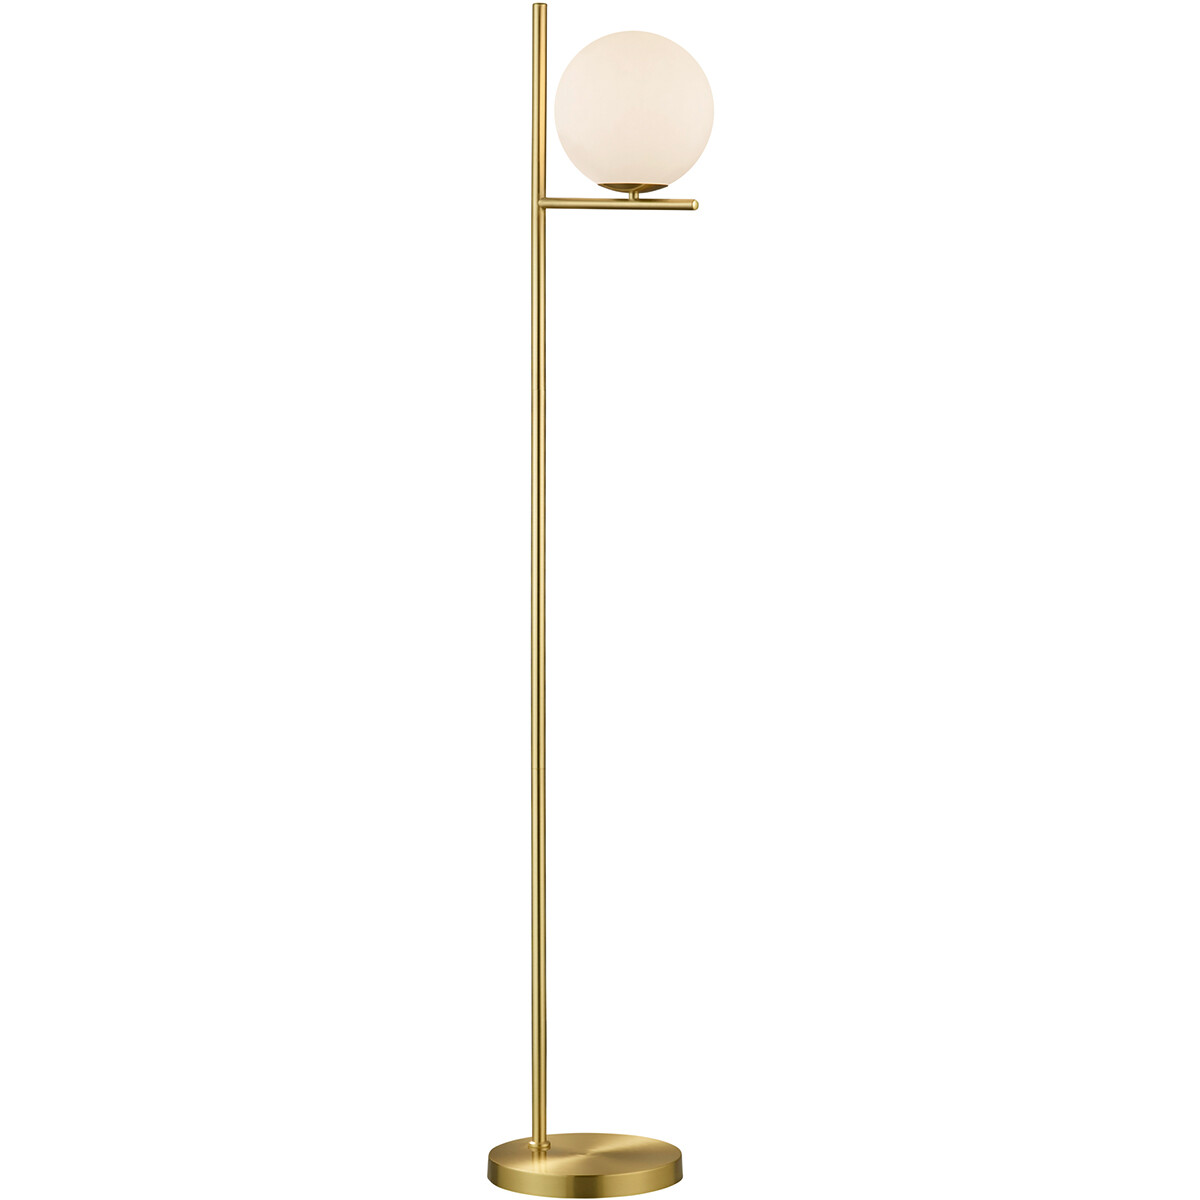 LED Vloerlamp - Trion Pora - E14 Fitting - Rond - Mat Goud - Aluminium